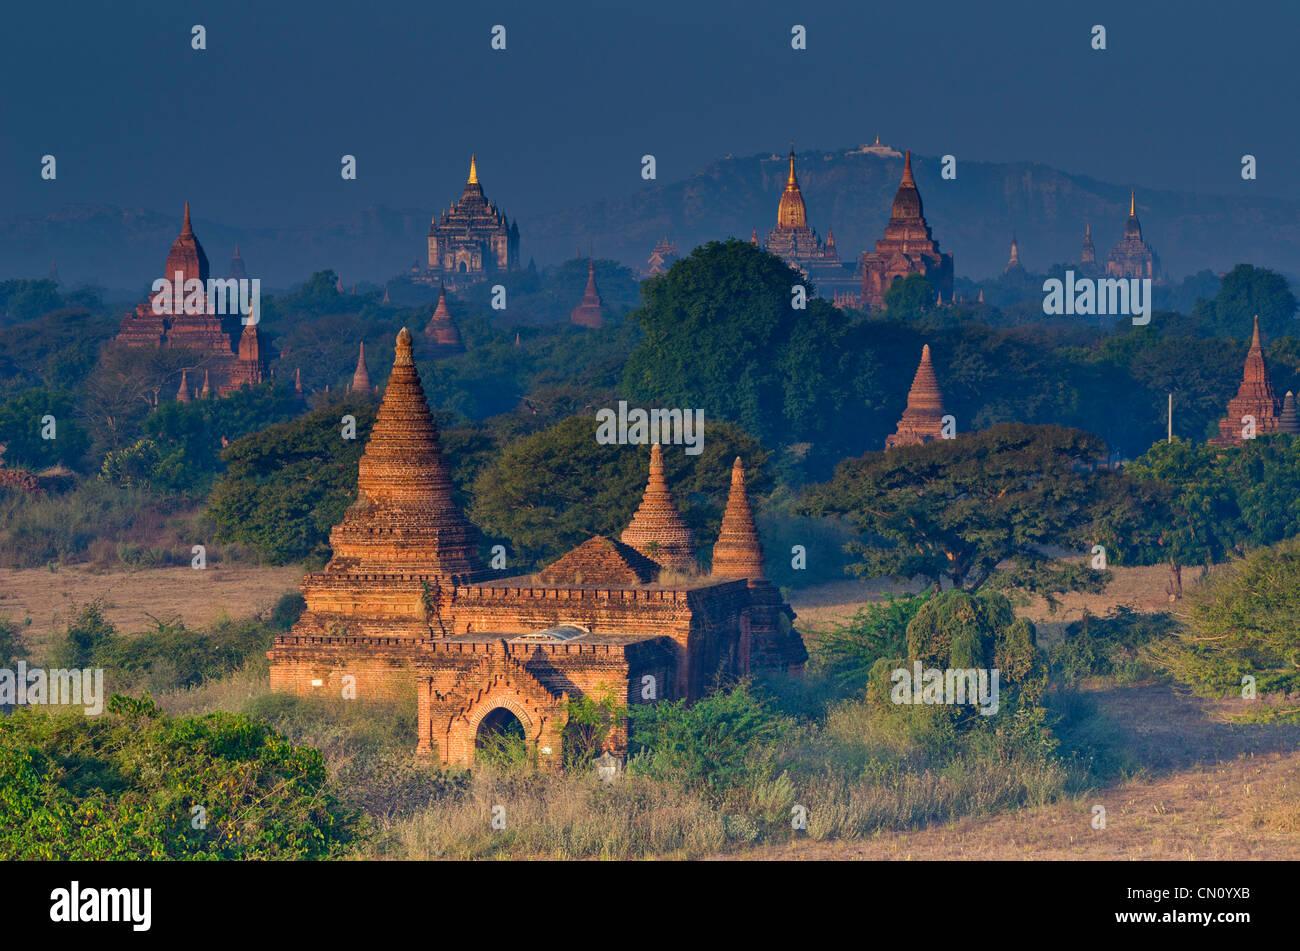 Temples in dawn light, Bagan, Myanmar - Stock Image